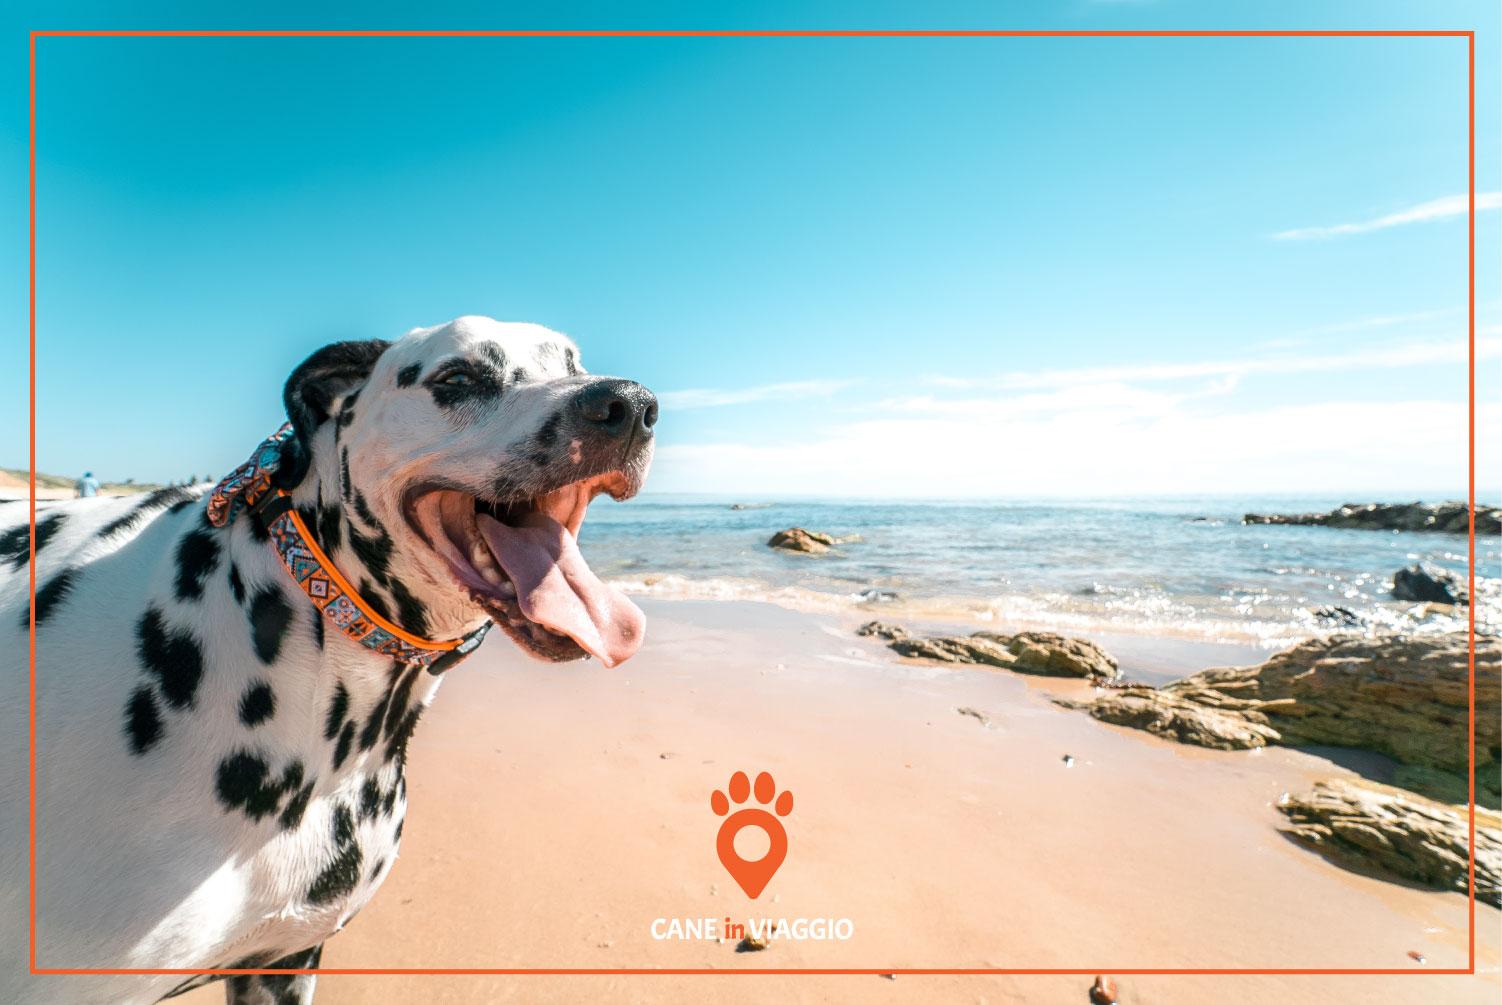 cane in riva ad una spiaggia